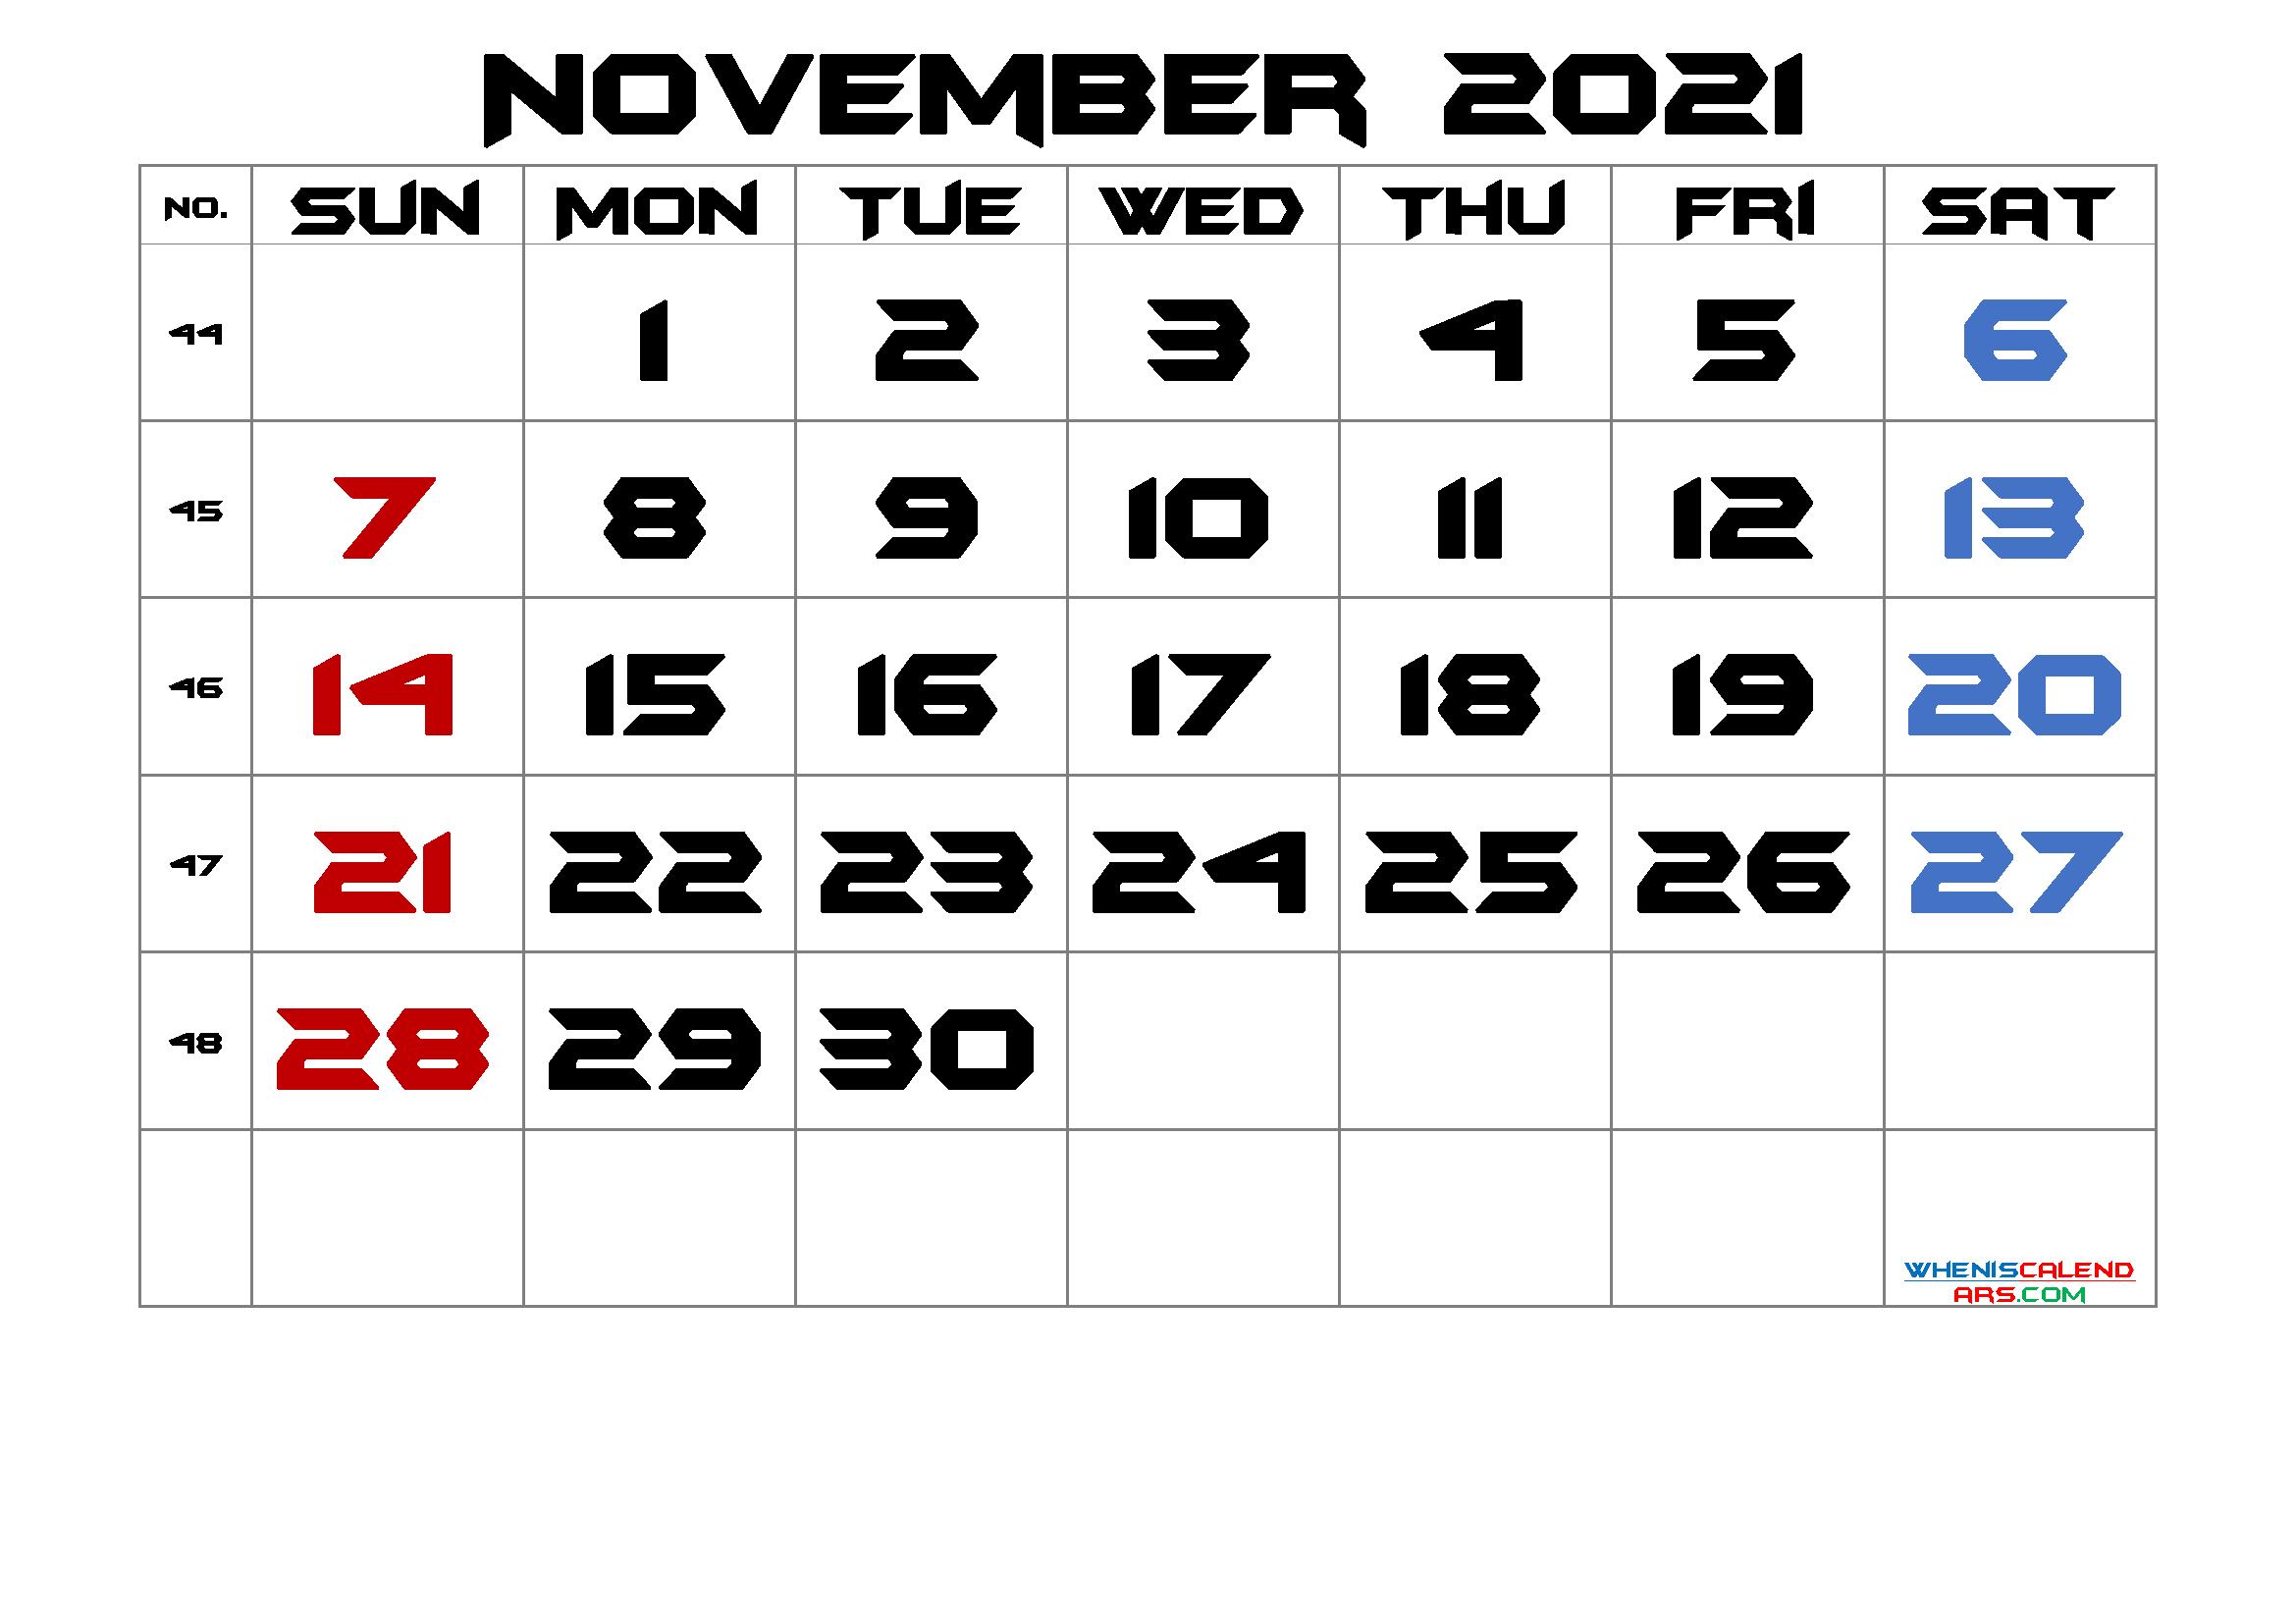 November 2021 Printable Calendar With Week Numbers Free Premium In 2020 Calendar Printables Printable Calendar July 2021 Calendar